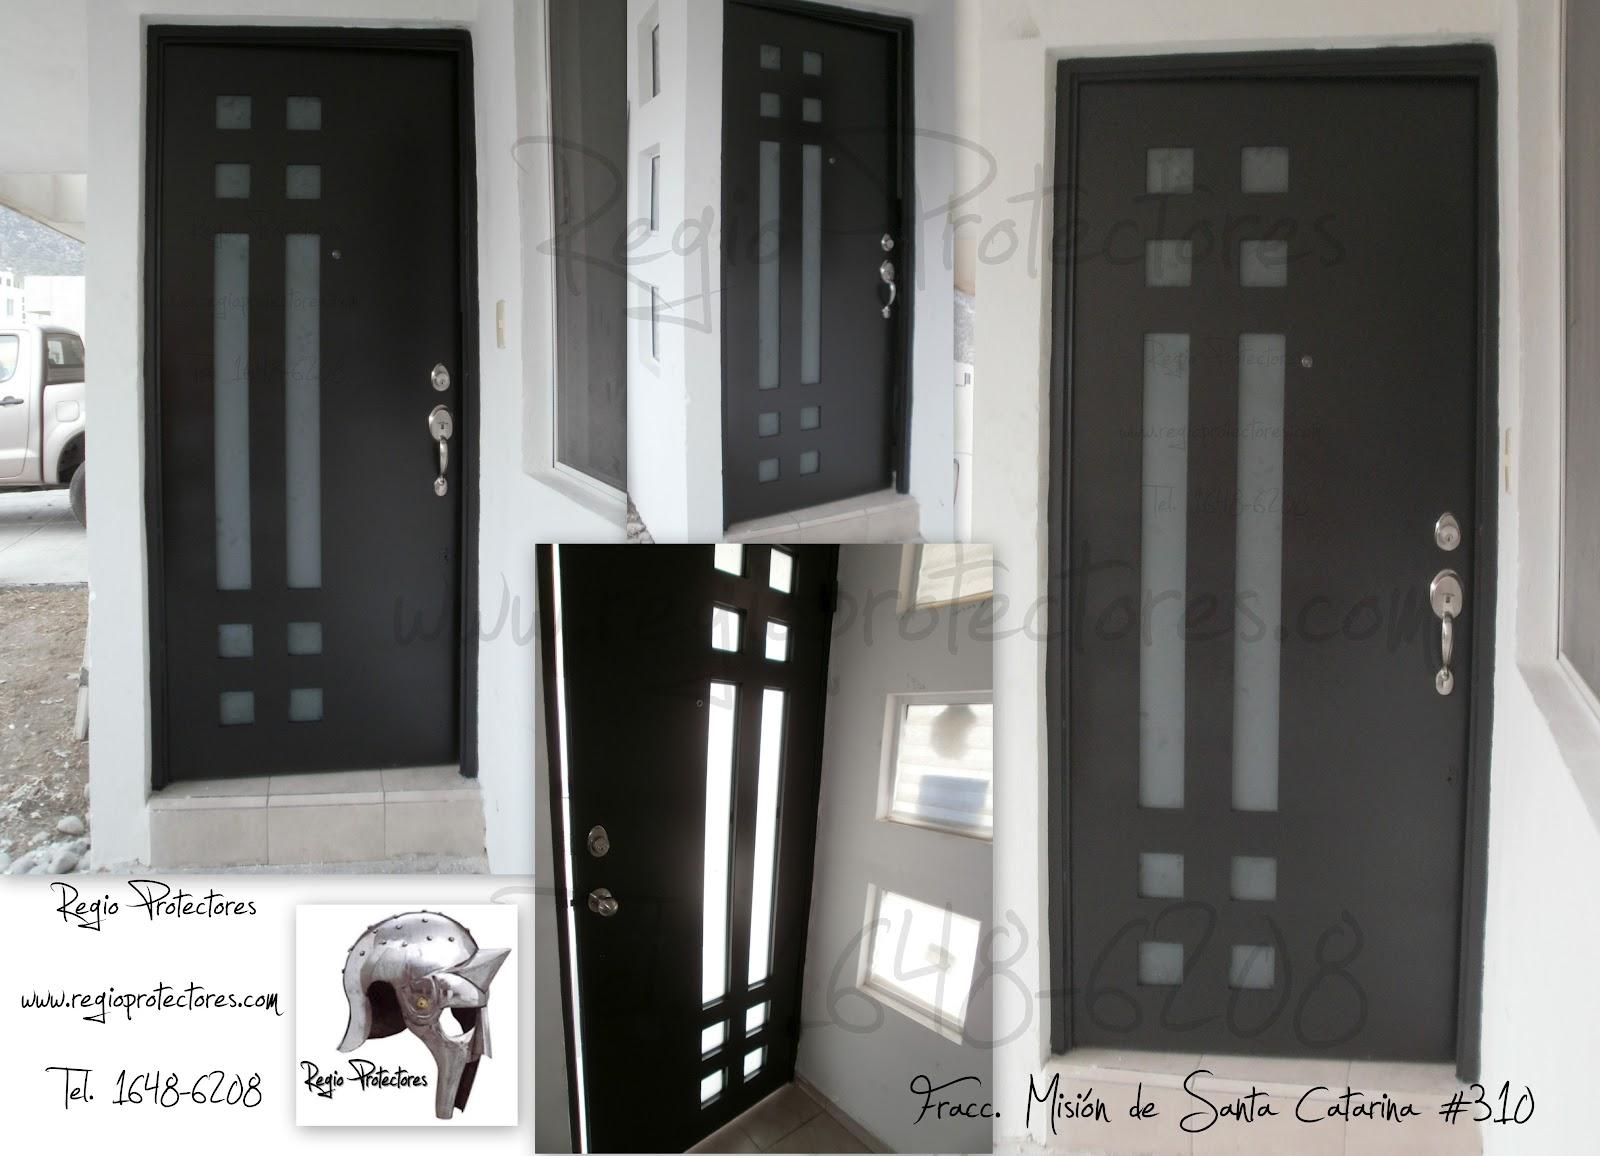 Regio protectores puerta de hierro estilo contempor neo for Puertas de hierro forjado para casas